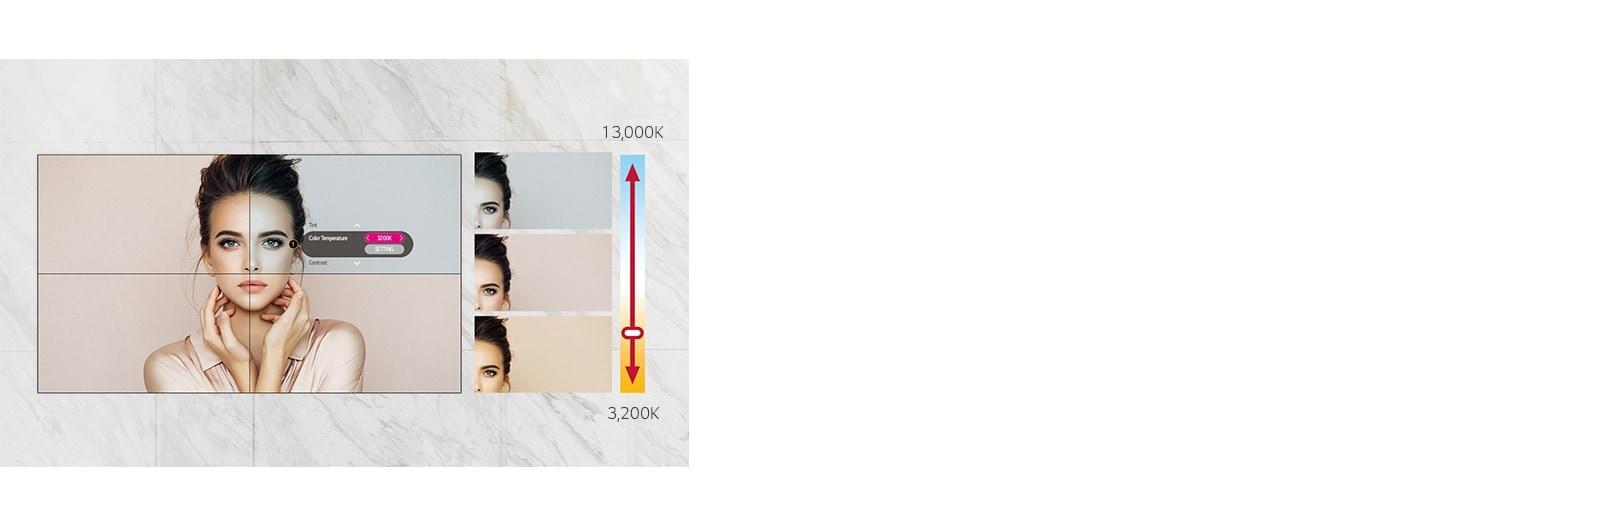 49VL5G puede ajustar la temperatura de color de 3200 K a 13 000 K en unidades de 100 K.